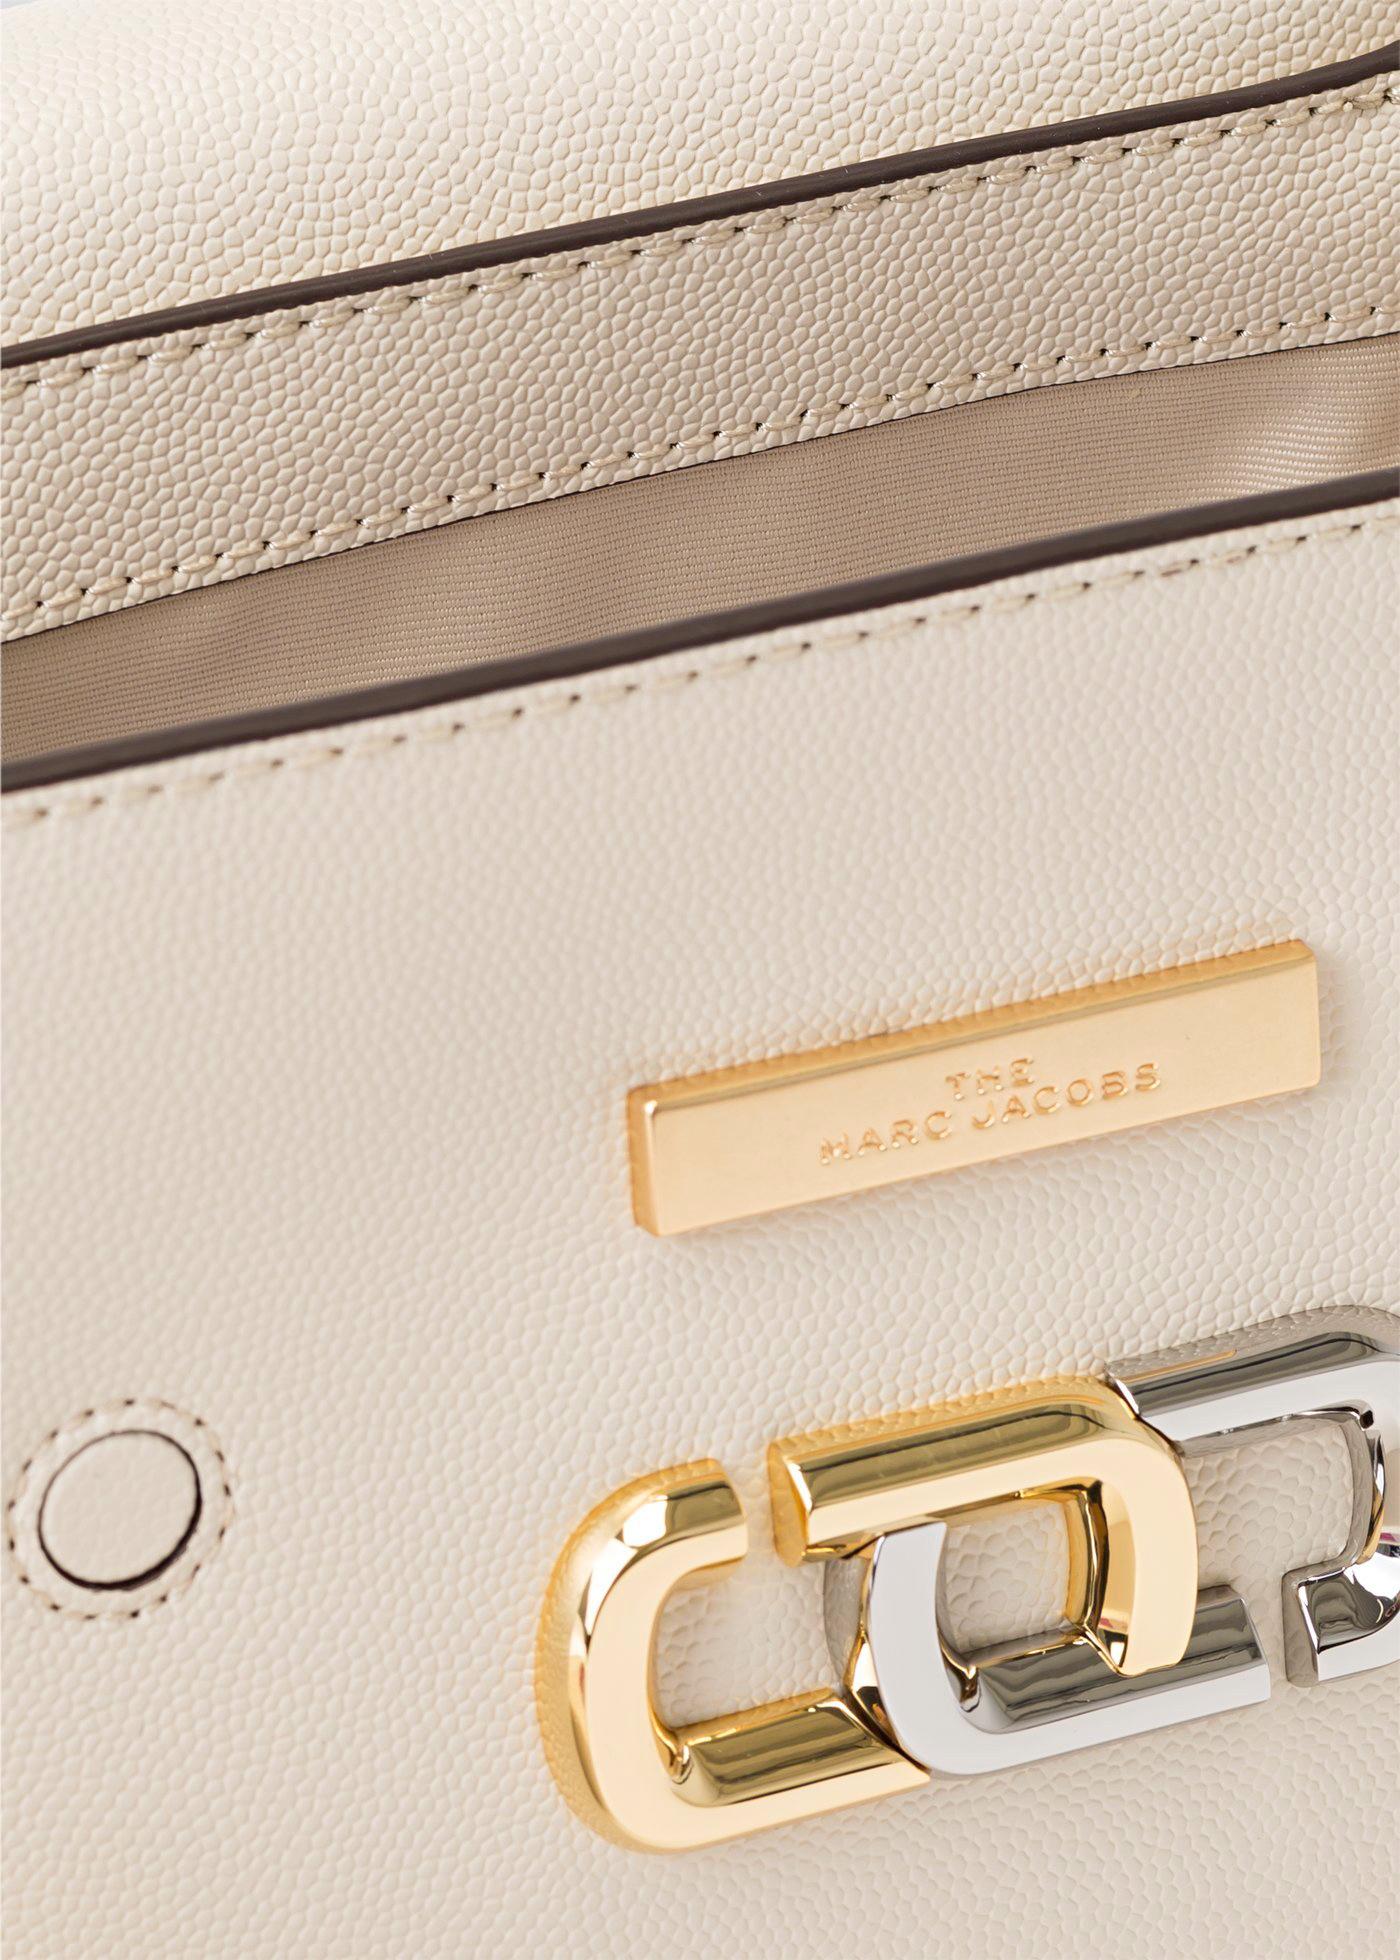 The J Link Mini Shoulder Bag image number 3